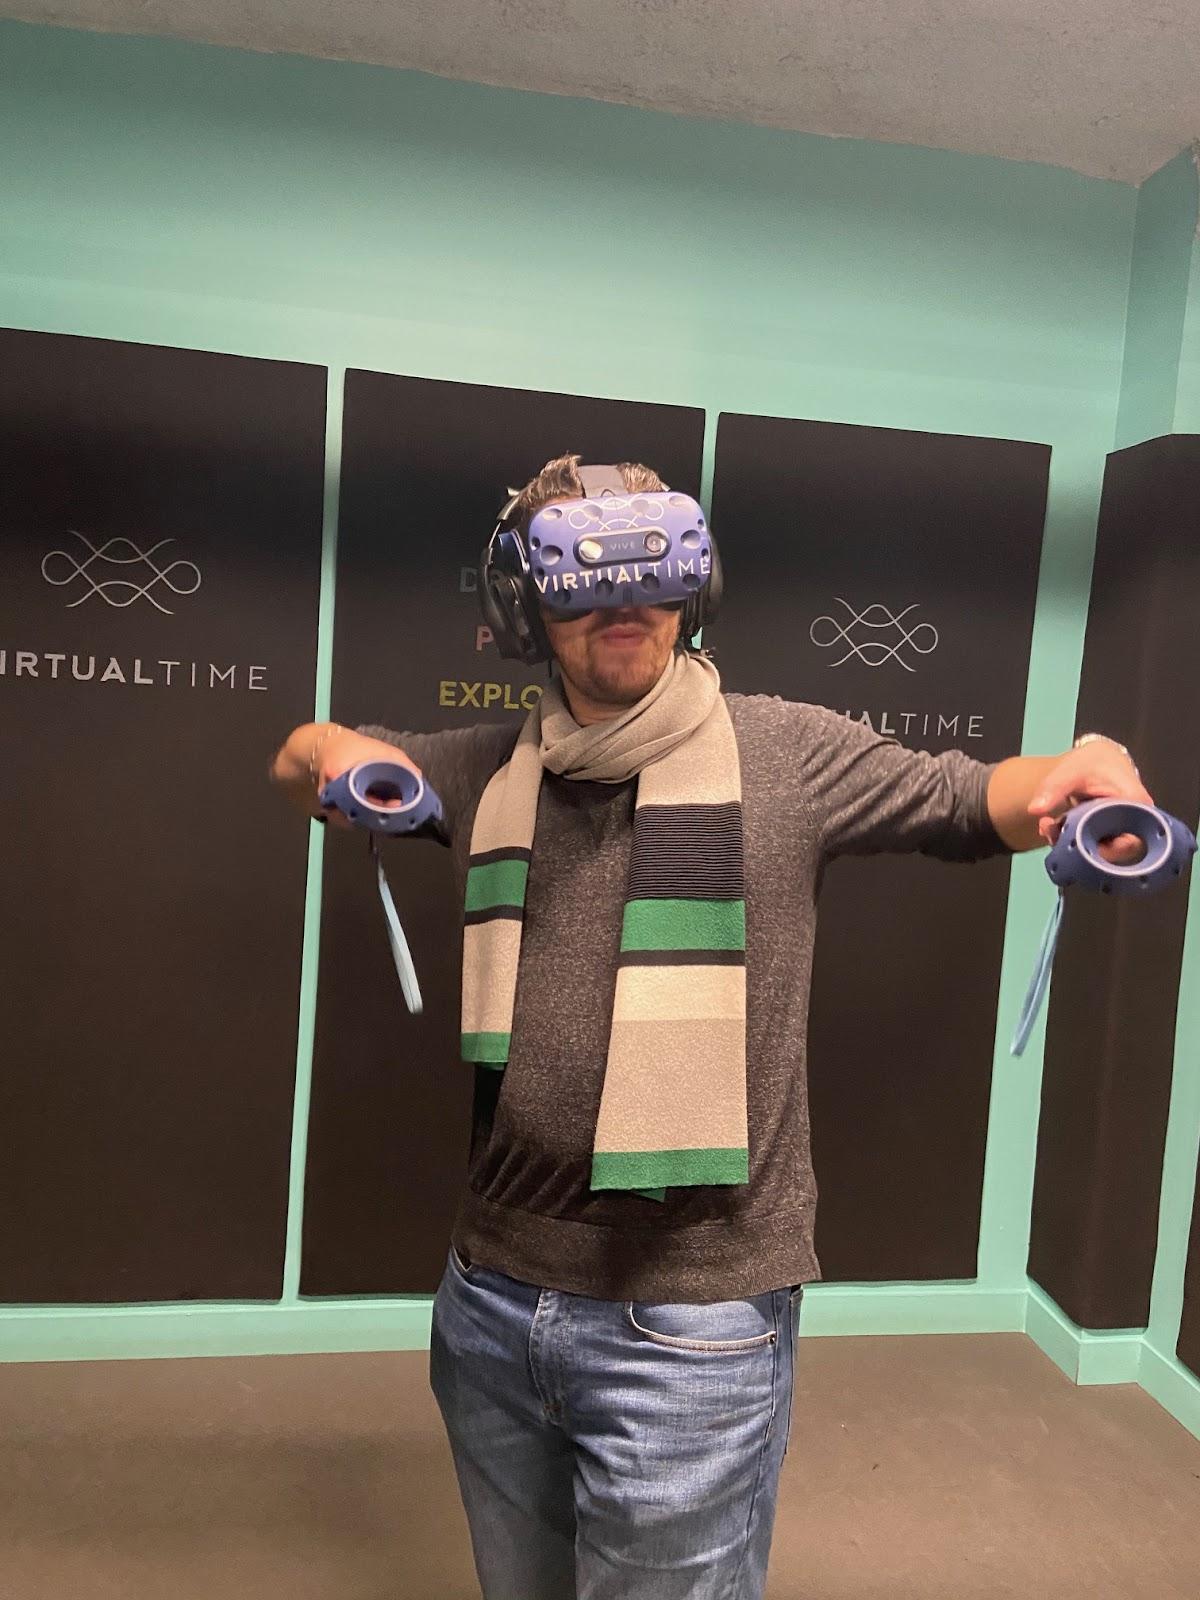 Mise en pratique de la réalité virtuelle avec manette